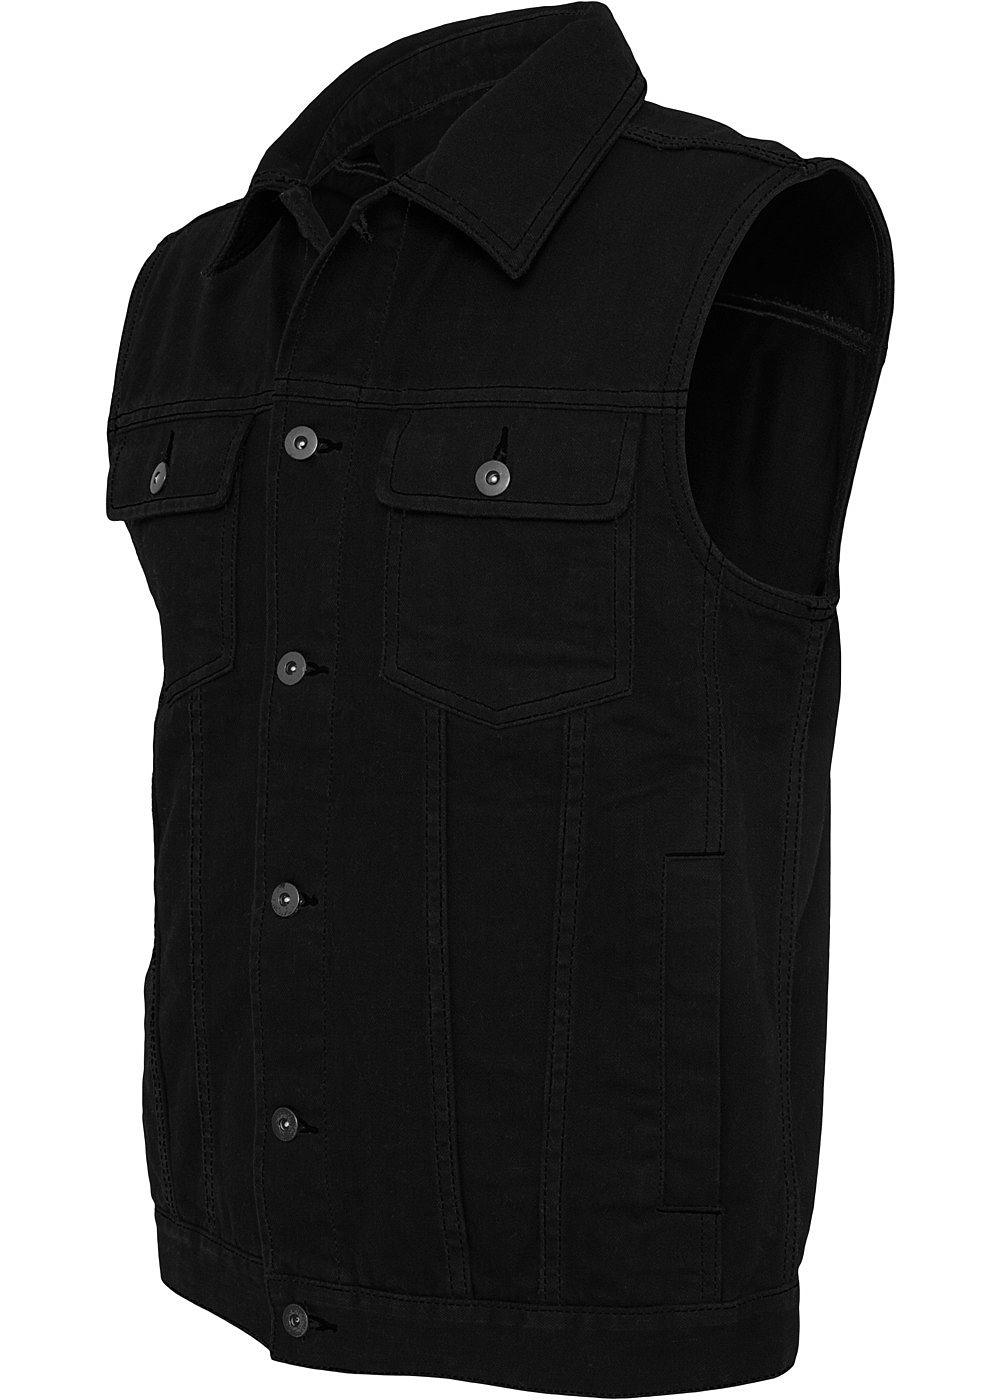 seventyseven lifestyle men jeansweste mit knopfleiste brusttaschen kragen schwarz 77onlineshop. Black Bedroom Furniture Sets. Home Design Ideas